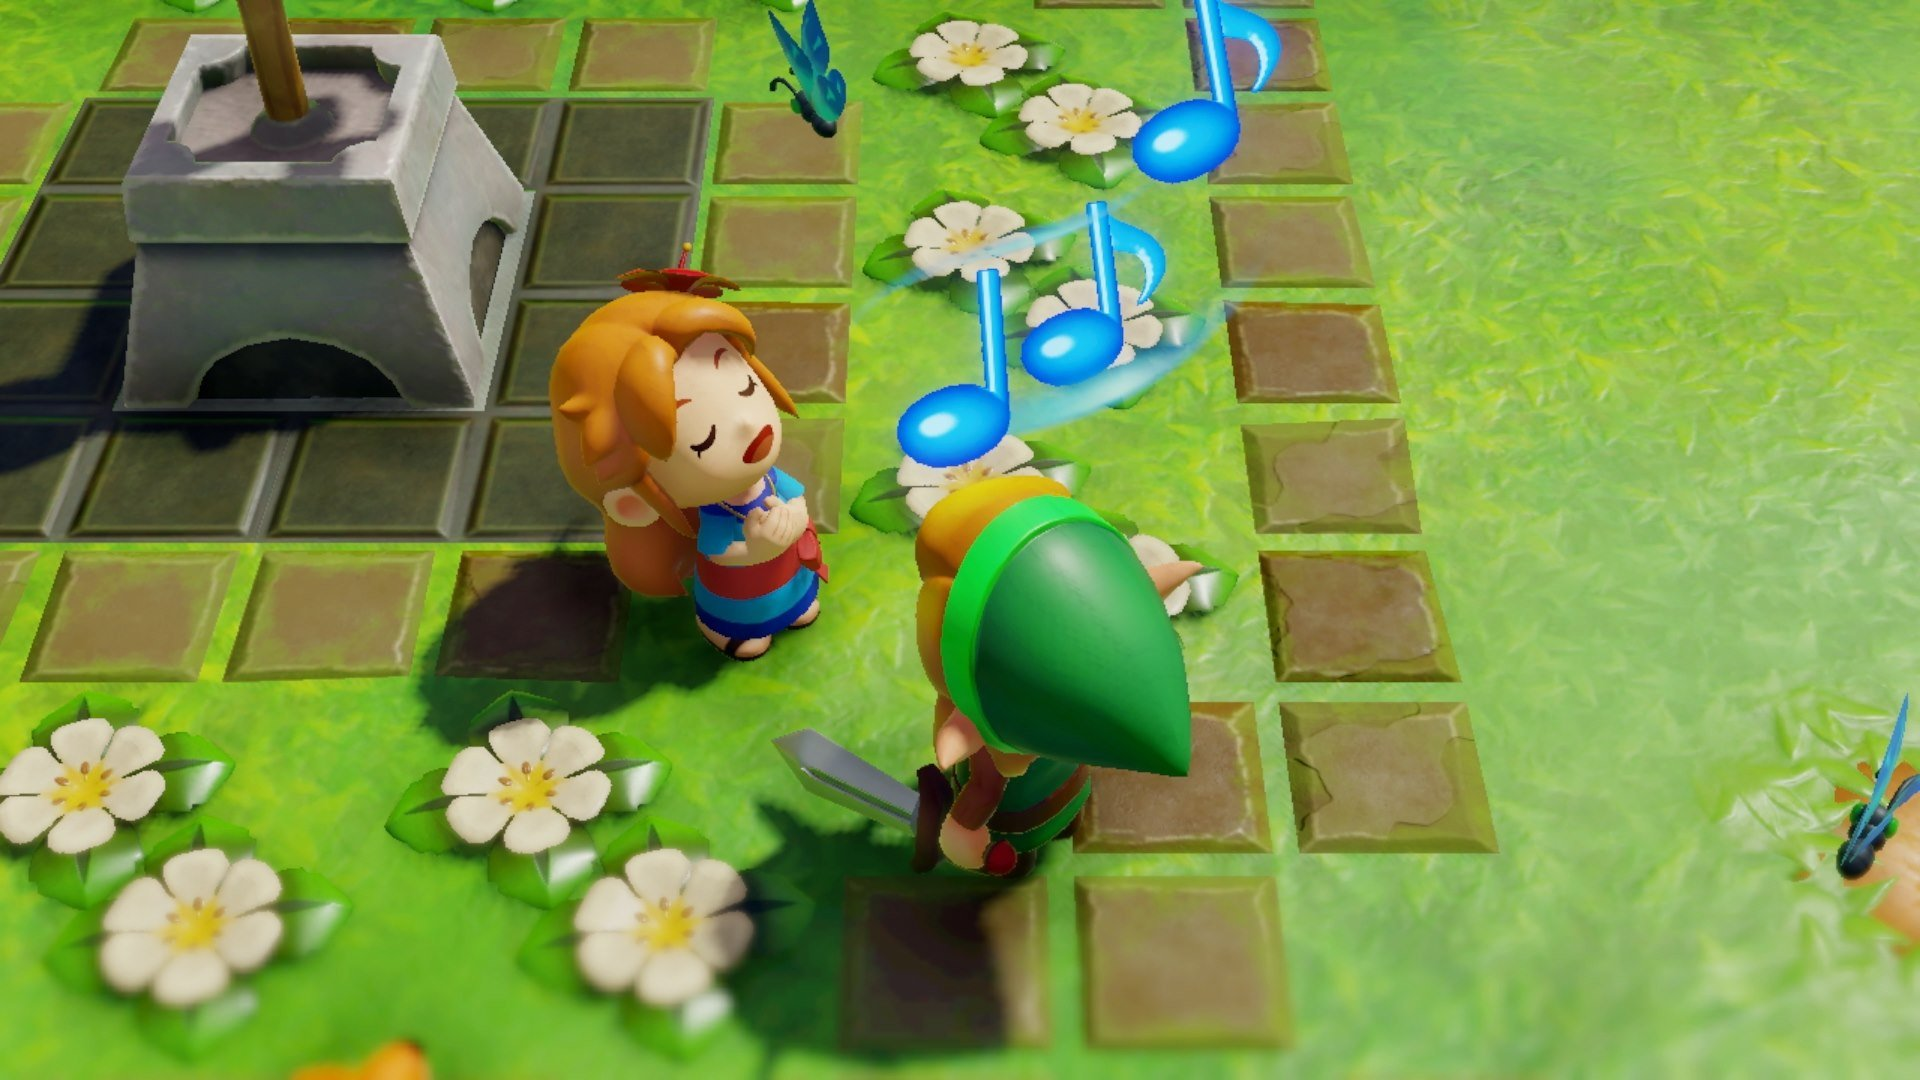 Gallery: Prepare For Zelda: Link's Awakening With Character